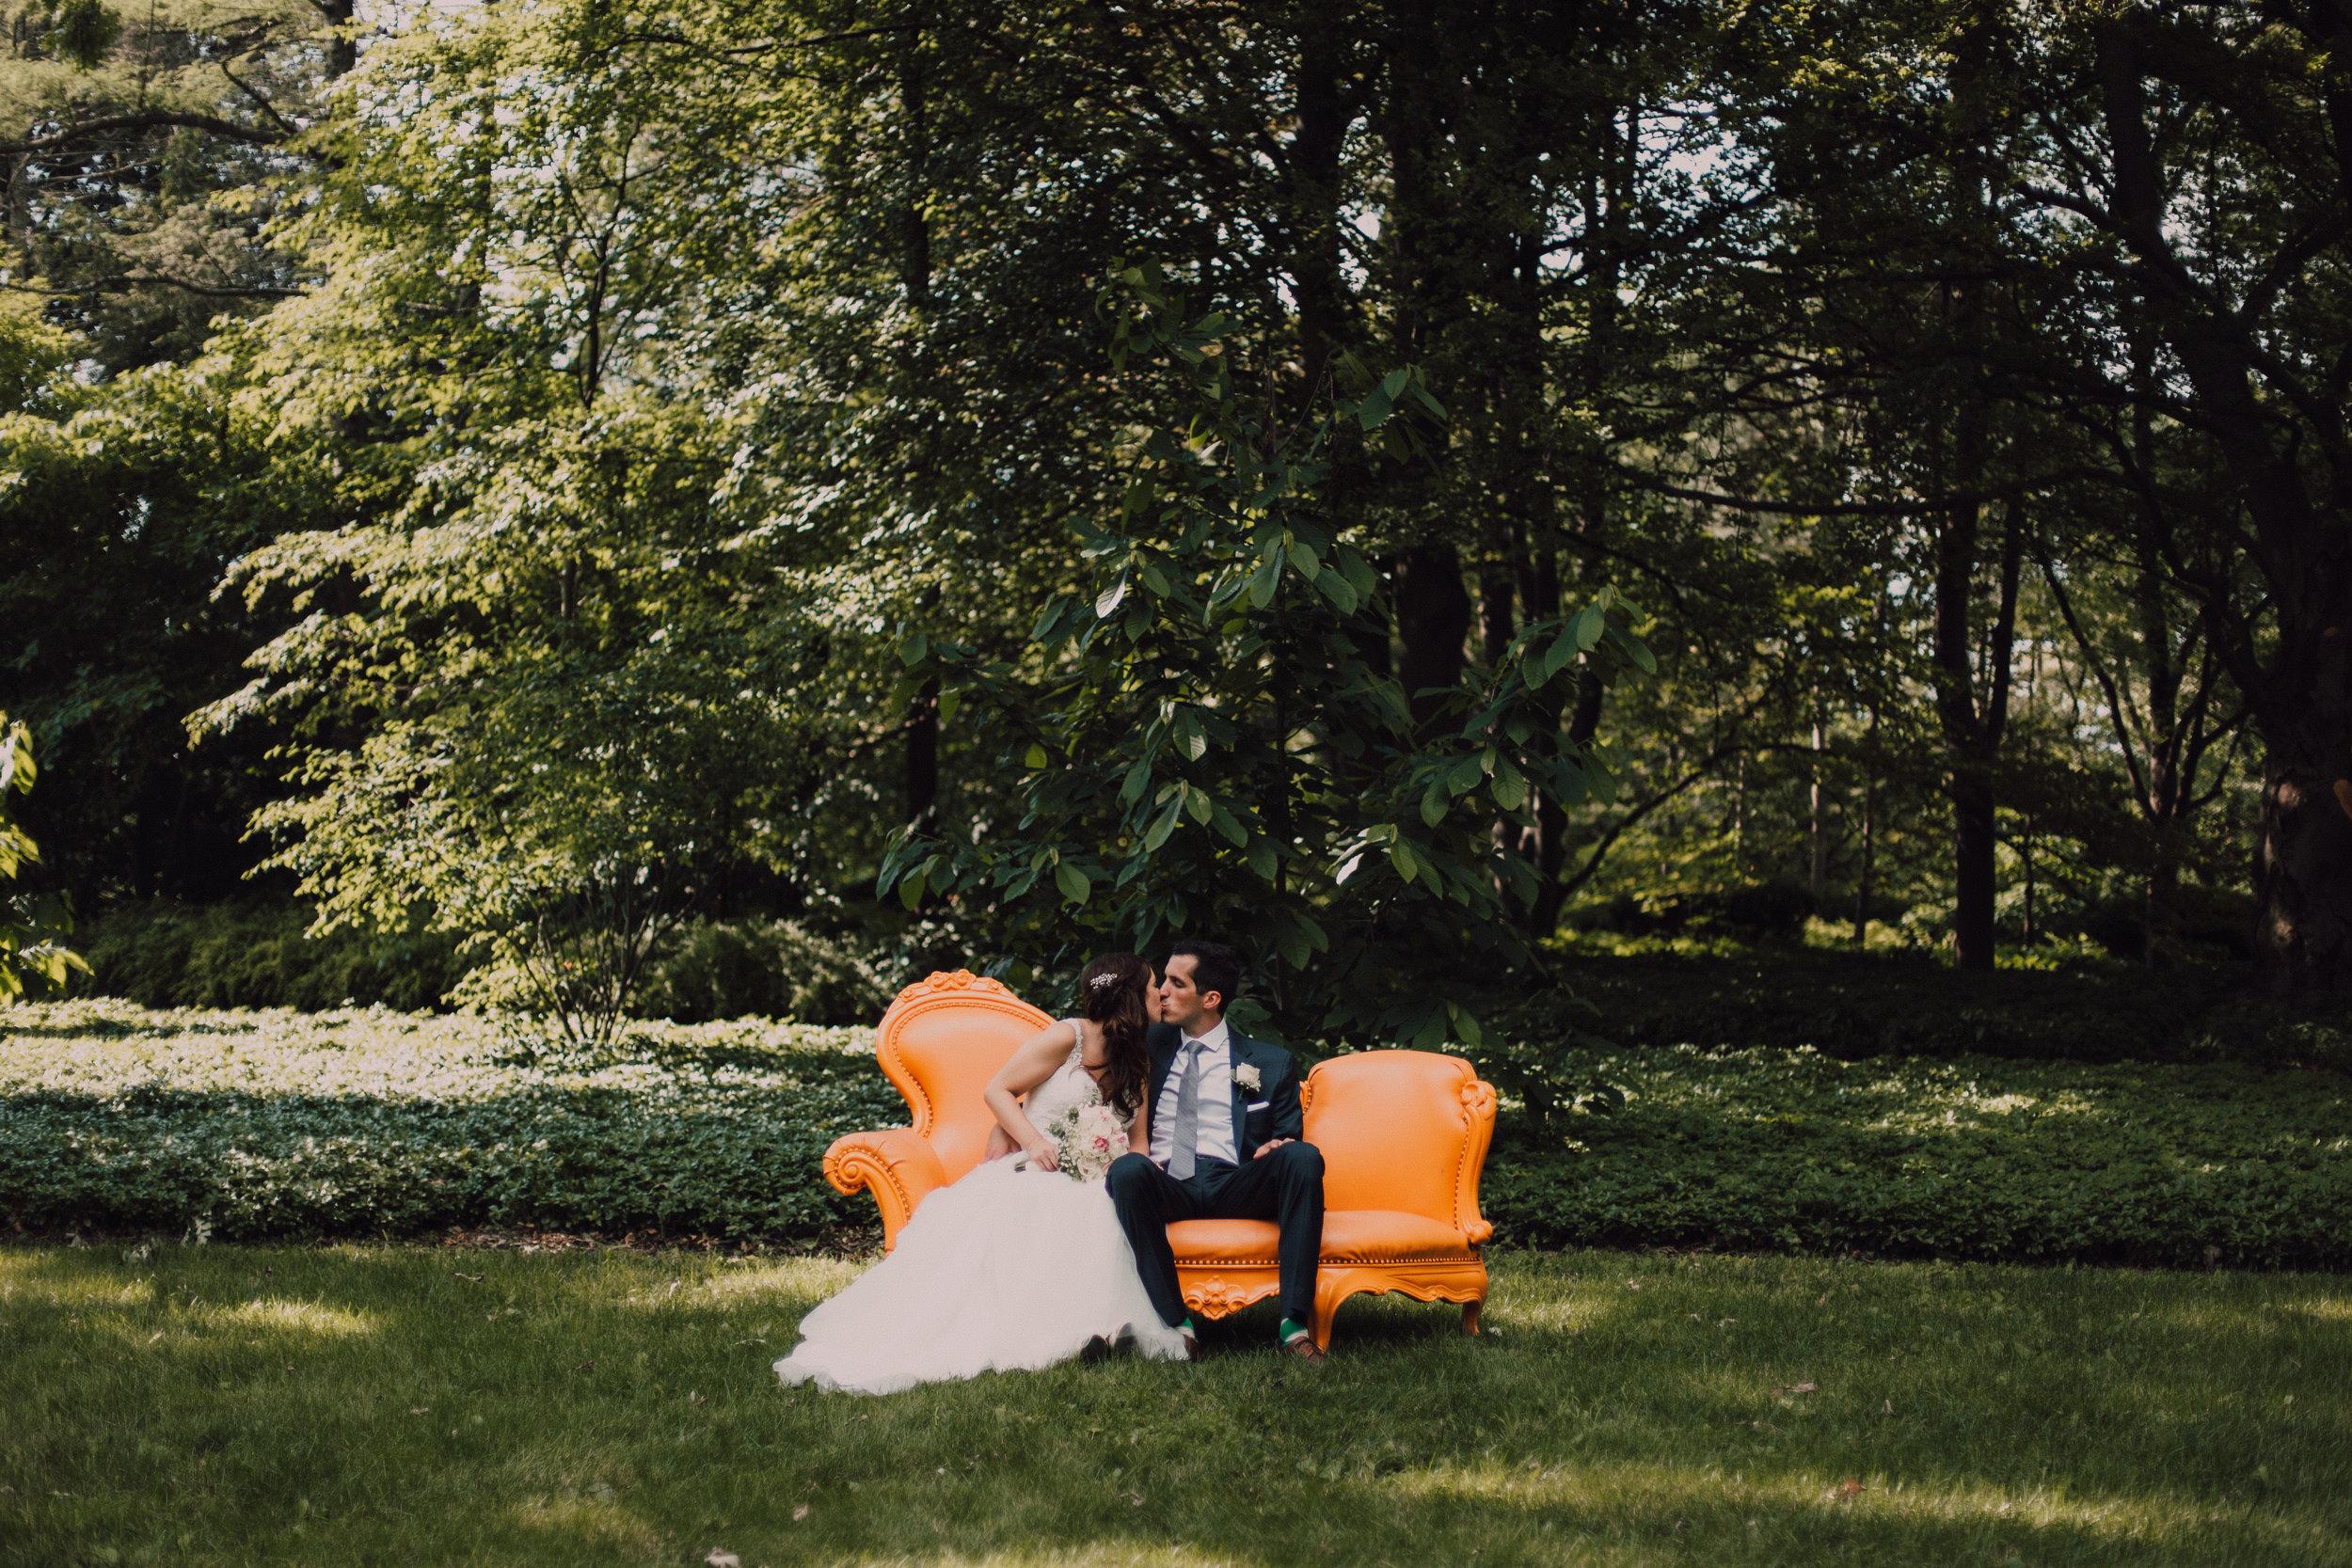 Romantic Naperville Wedding - Venue: CityGate GrilleHair/Makeup: Forbici Salon & SpaFlowers: Purple Rose FloristDress: Volles BridalDJ: Essence EntertainmentENGAGEMENT SHOOT